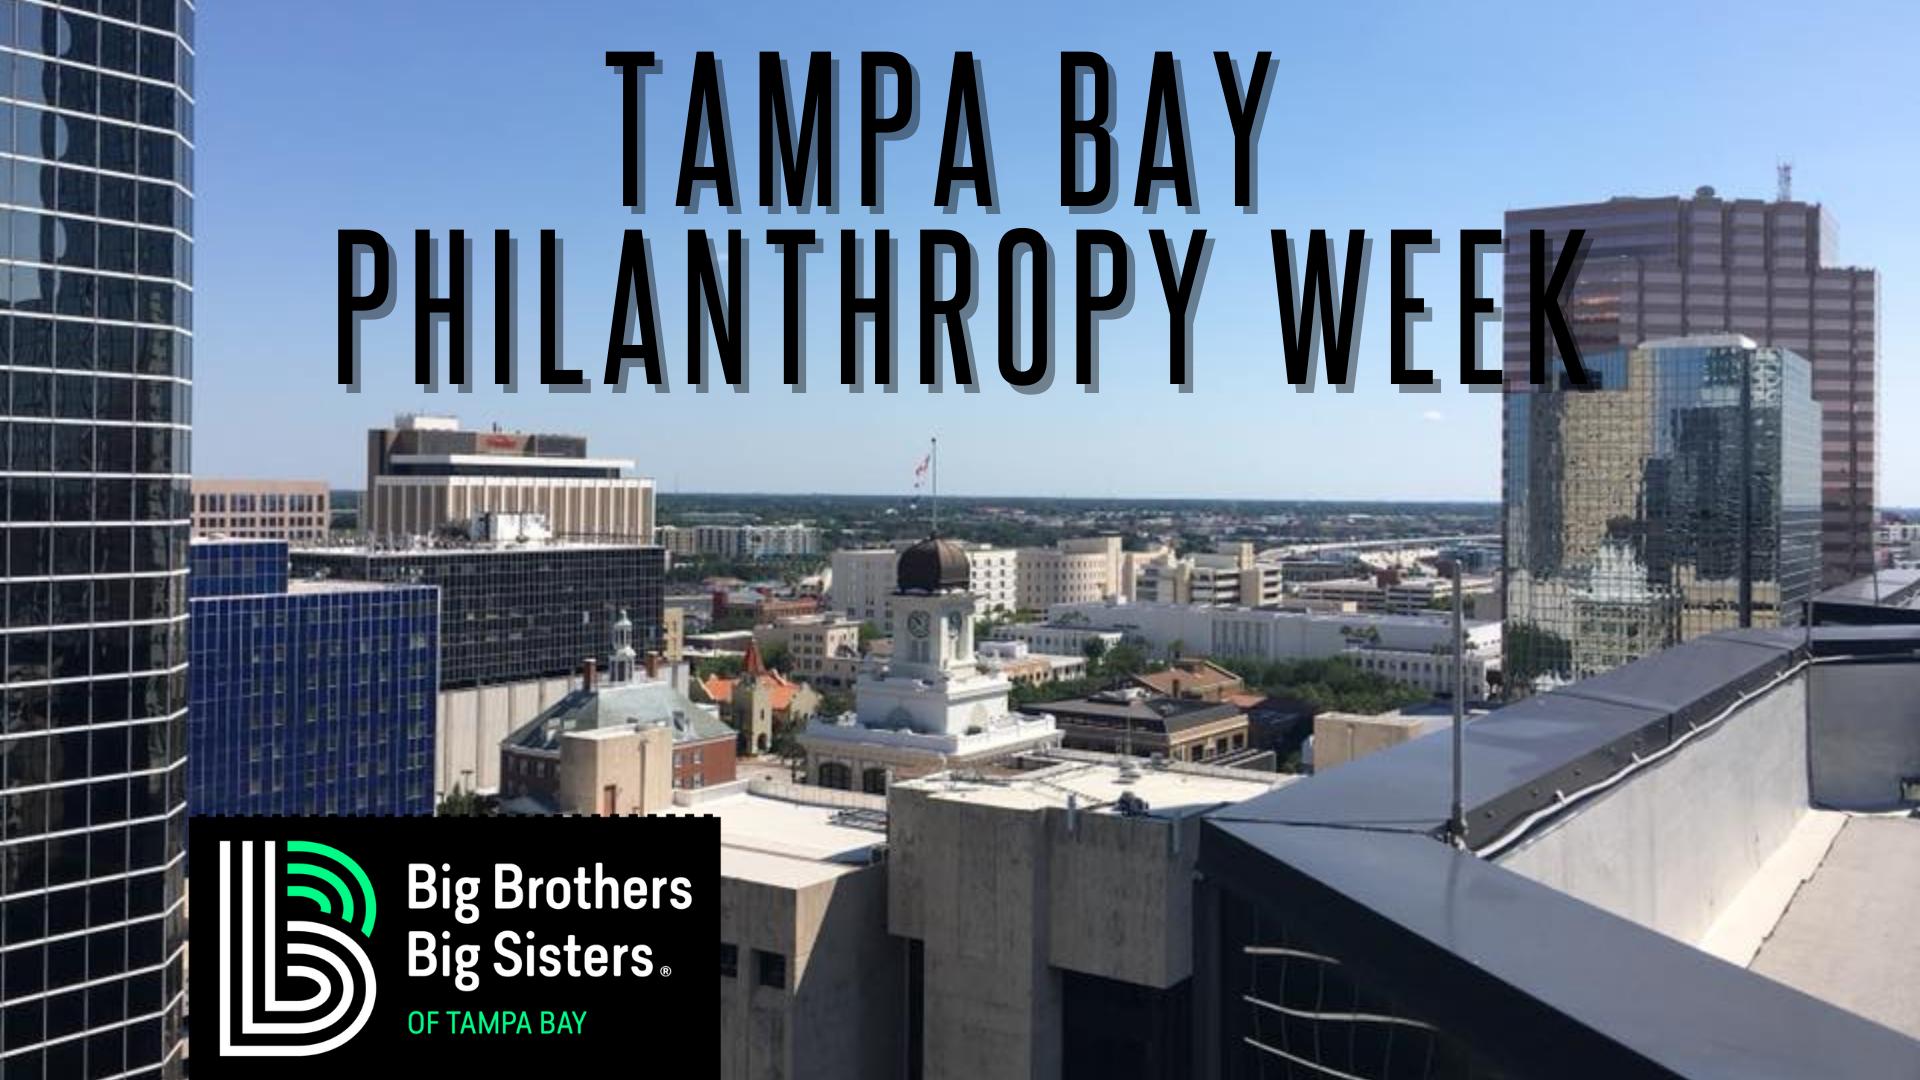 Tampa Bay Philanthropy Week